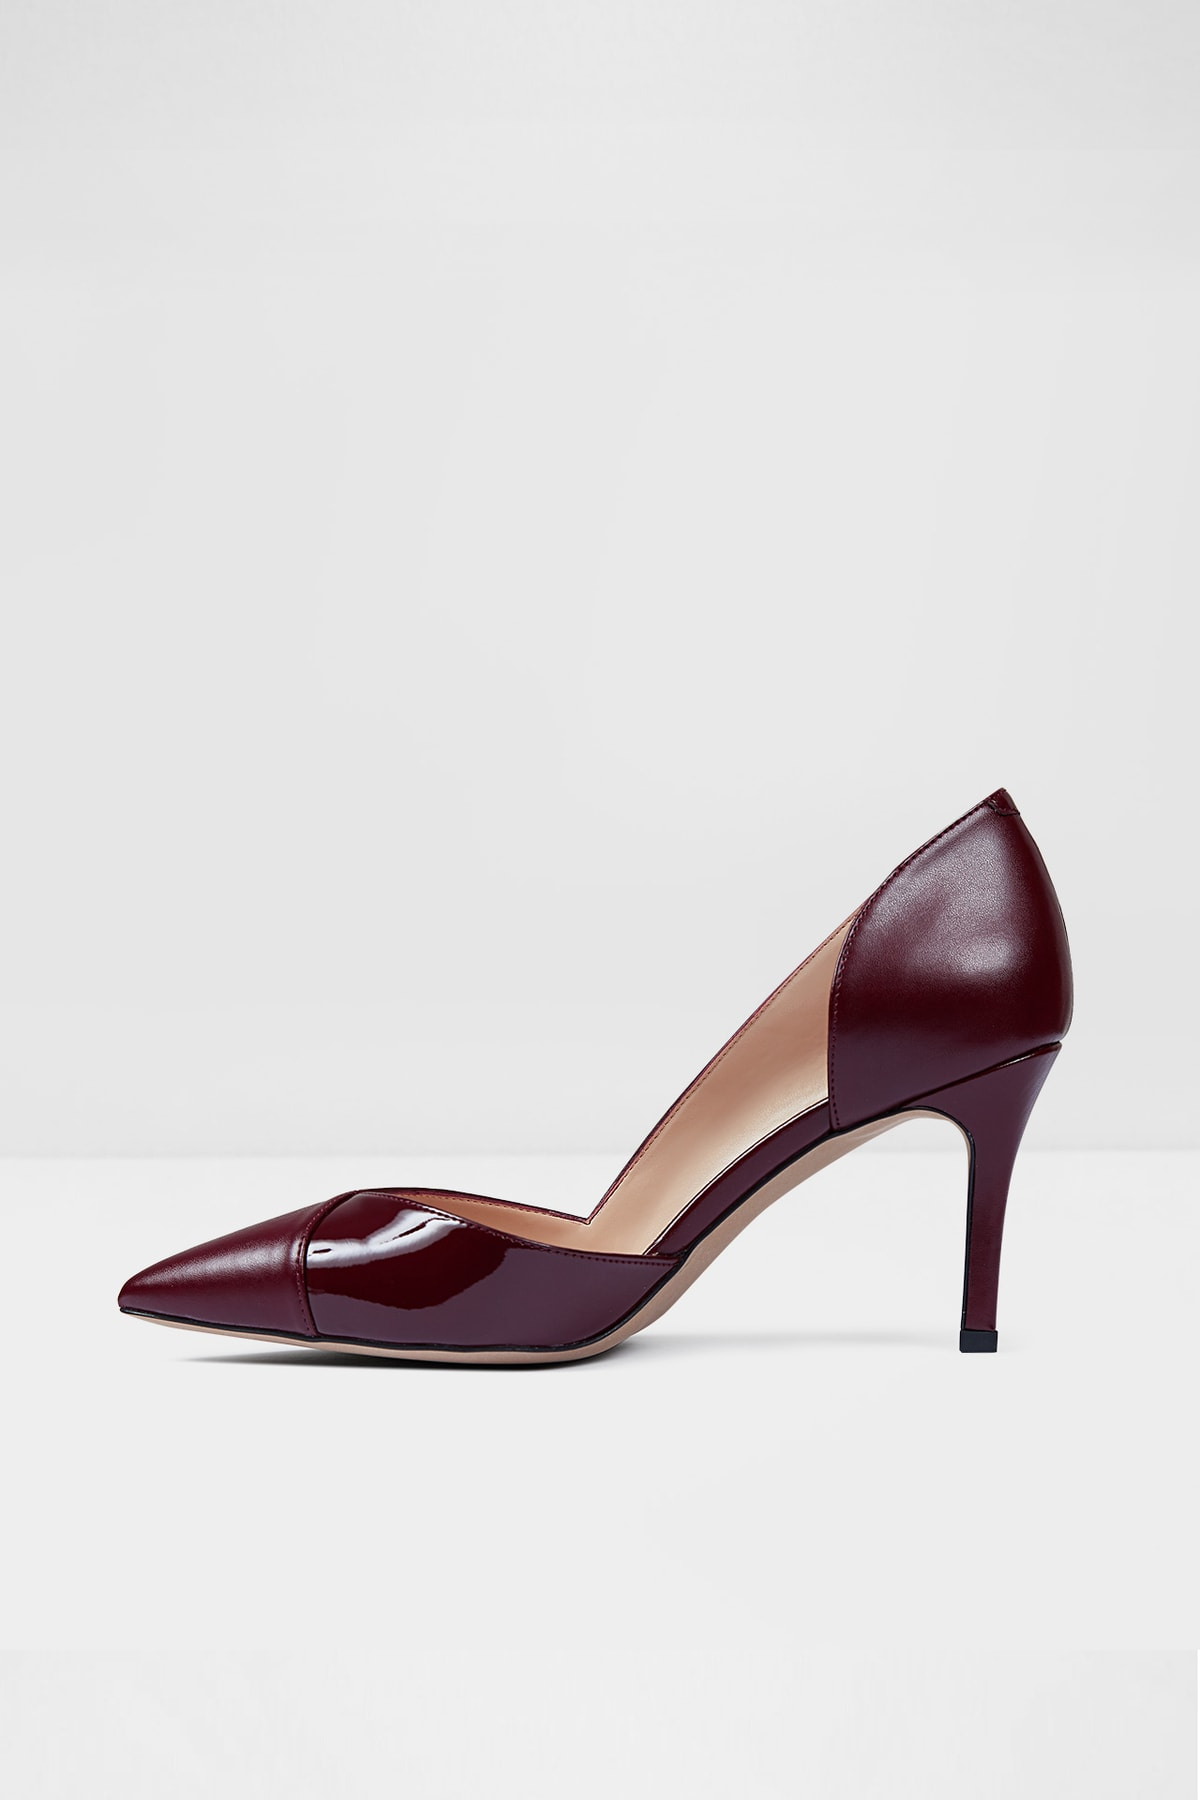 Aldo Kadın Bordo Topuklu Ayakkabı Unıty-tr 2